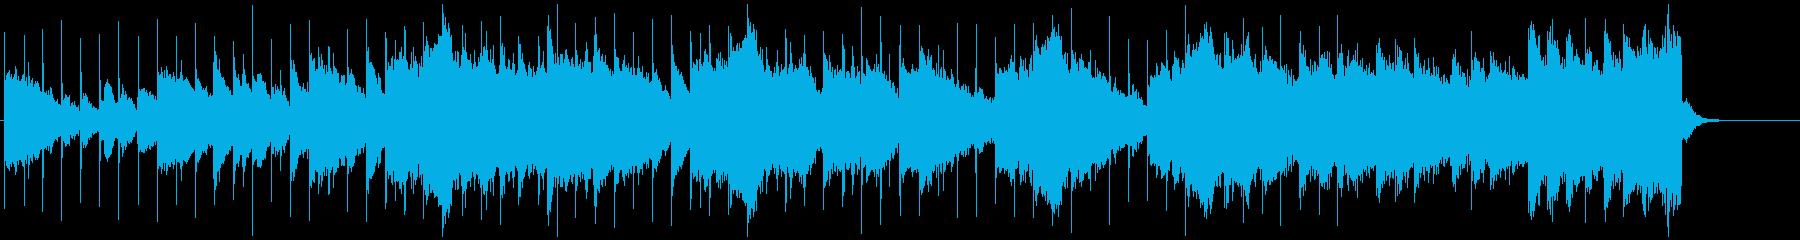 スローなサスペンスの再生済みの波形